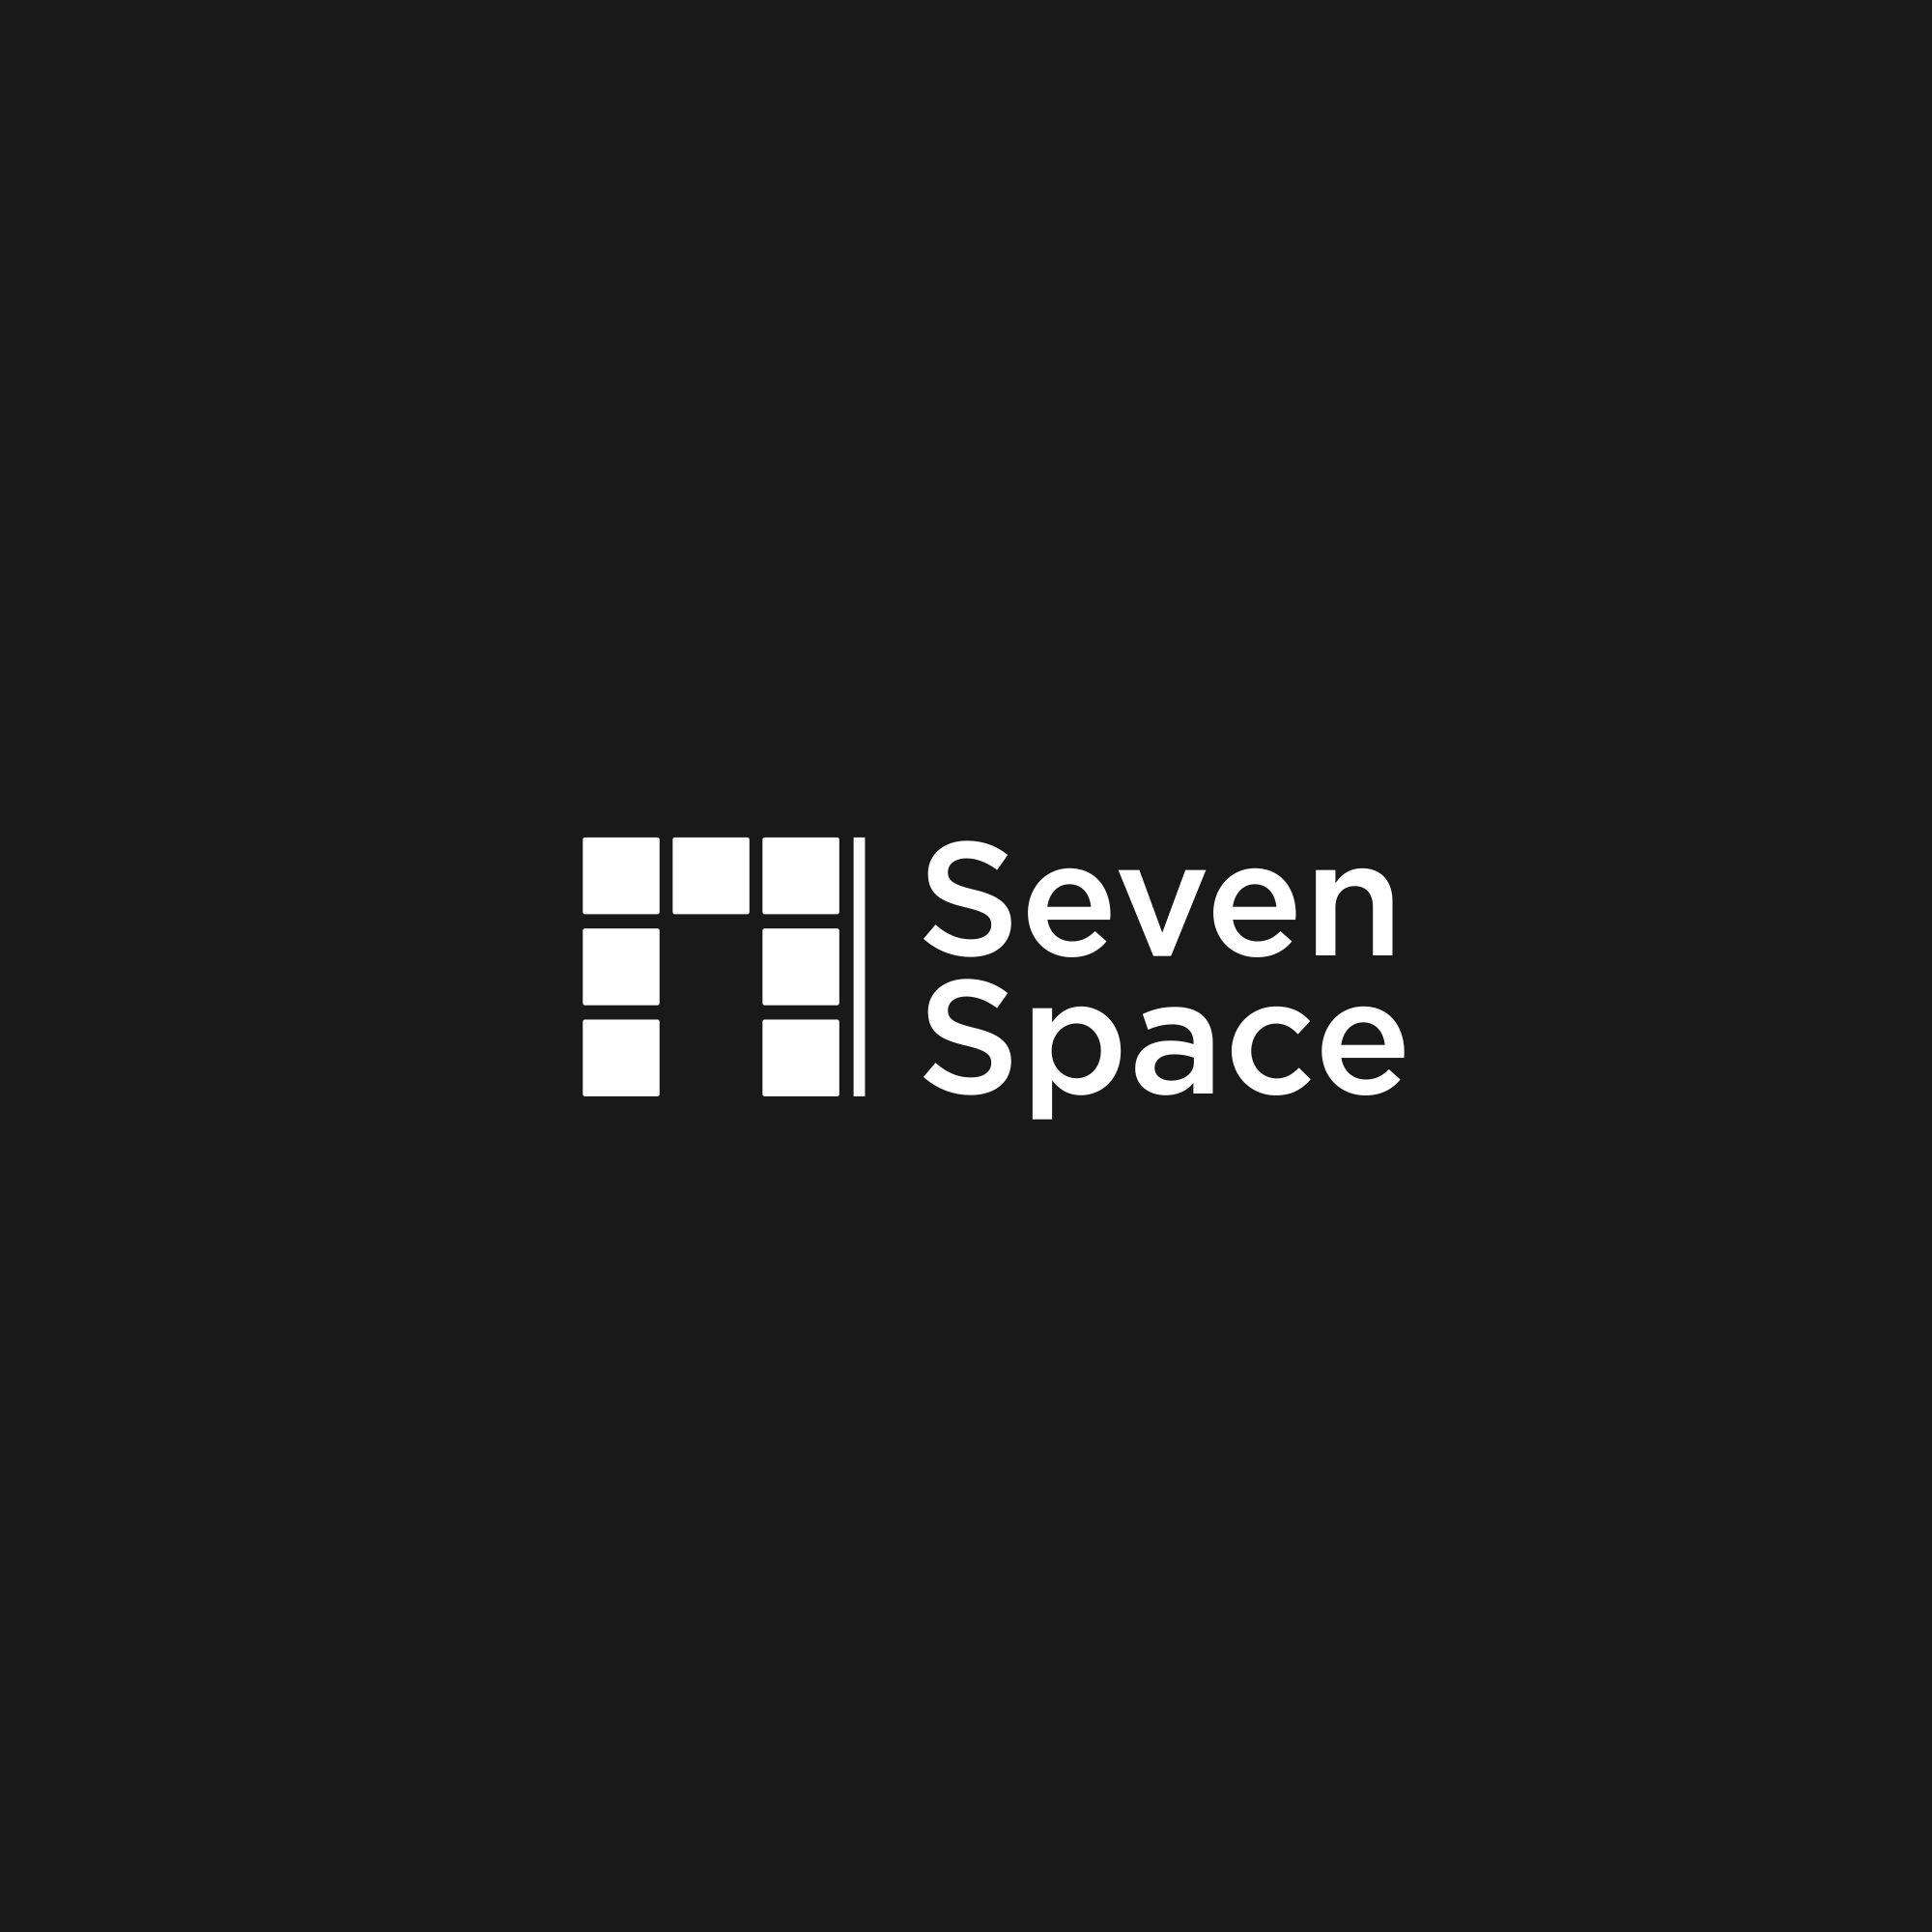 Логотип для Seven Space - дизайнер asya_2019